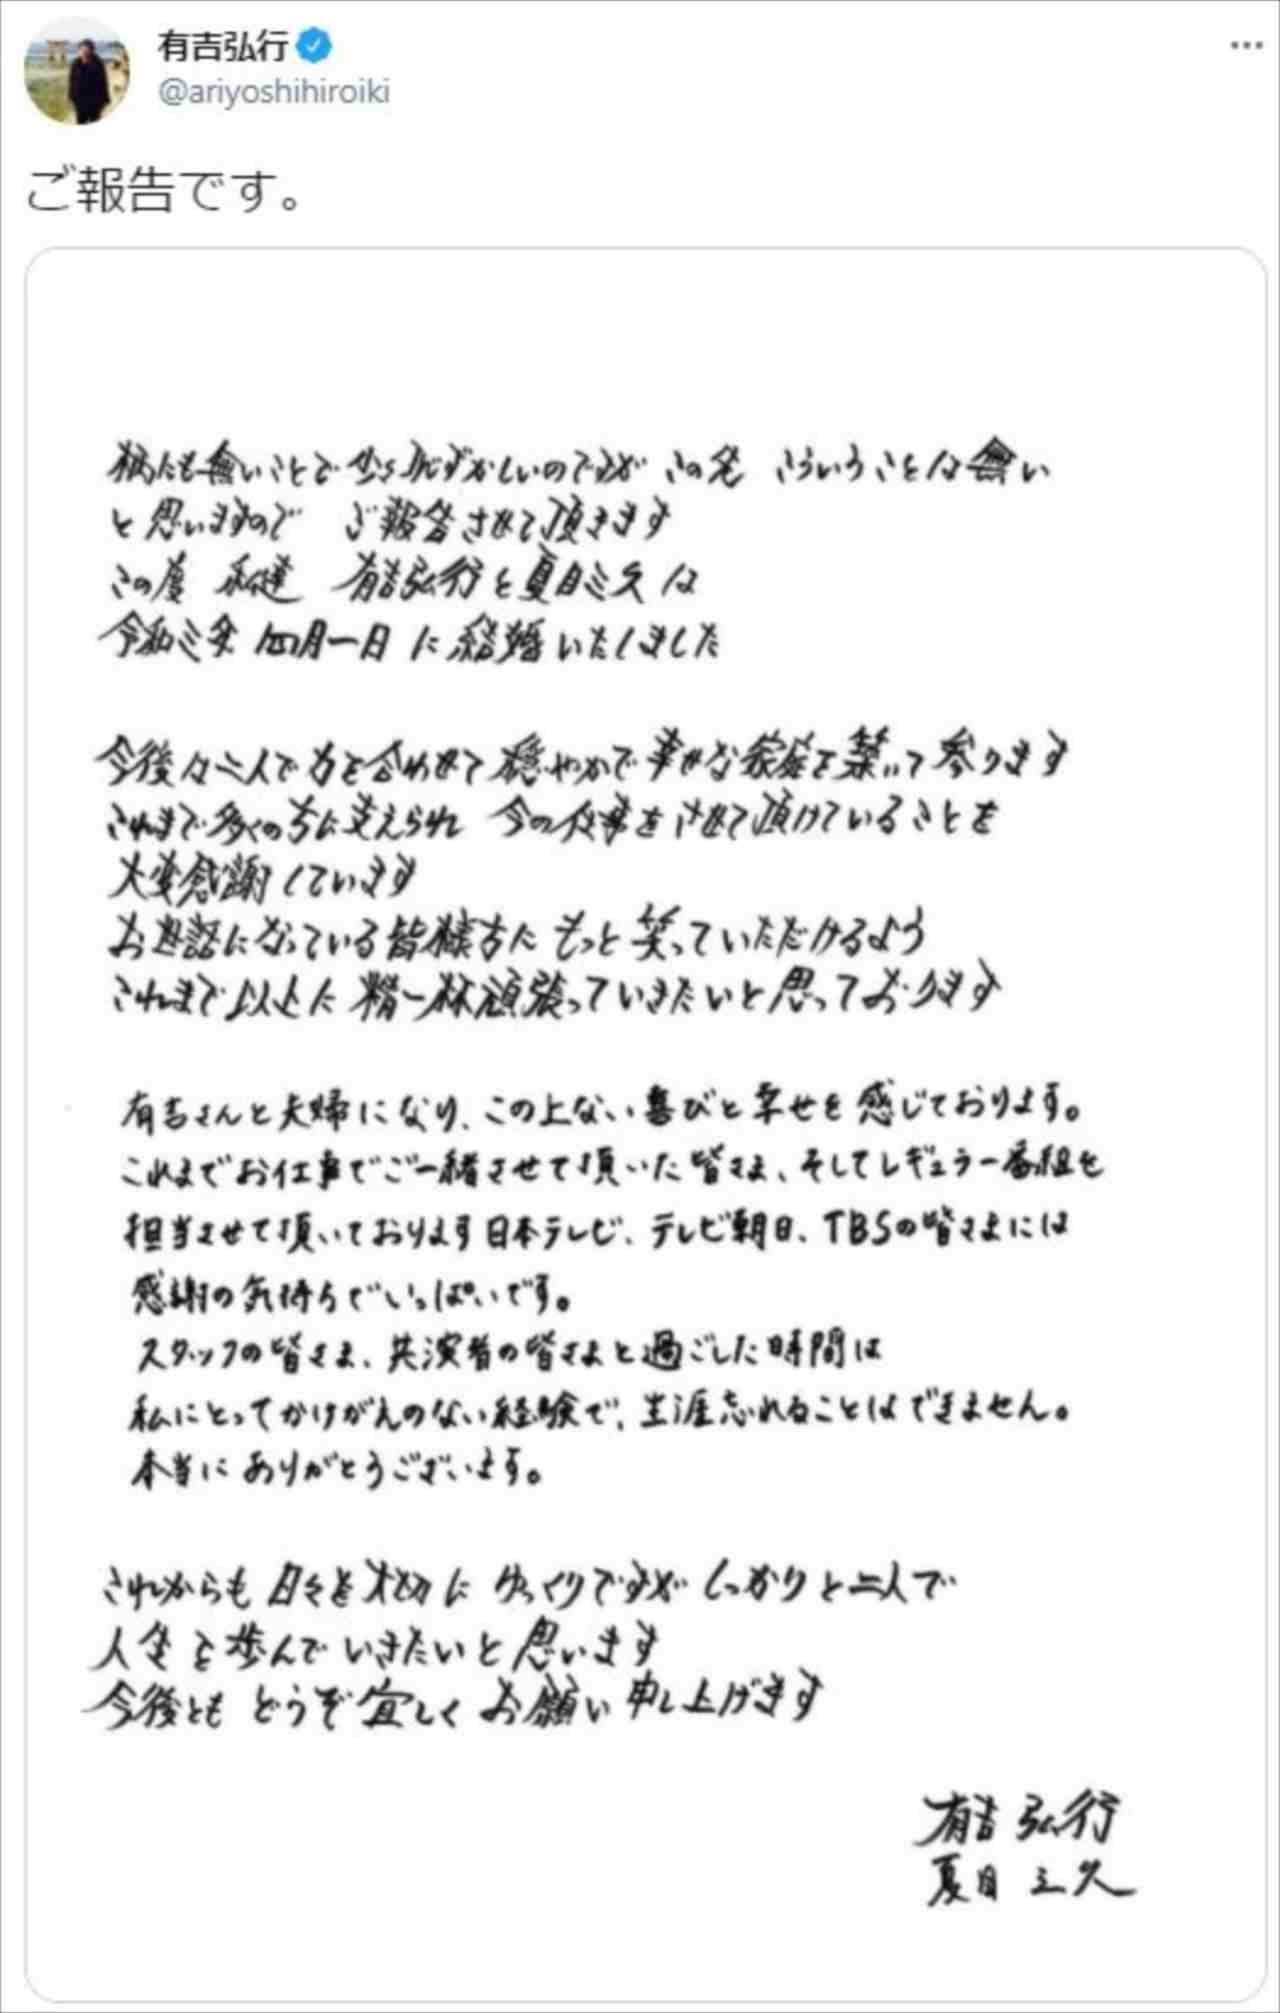 電撃結婚の有吉弘行&夏目三久に芸能界から祝福の声が相次ぐ!「心臓飛び出た!」「えええええ!」